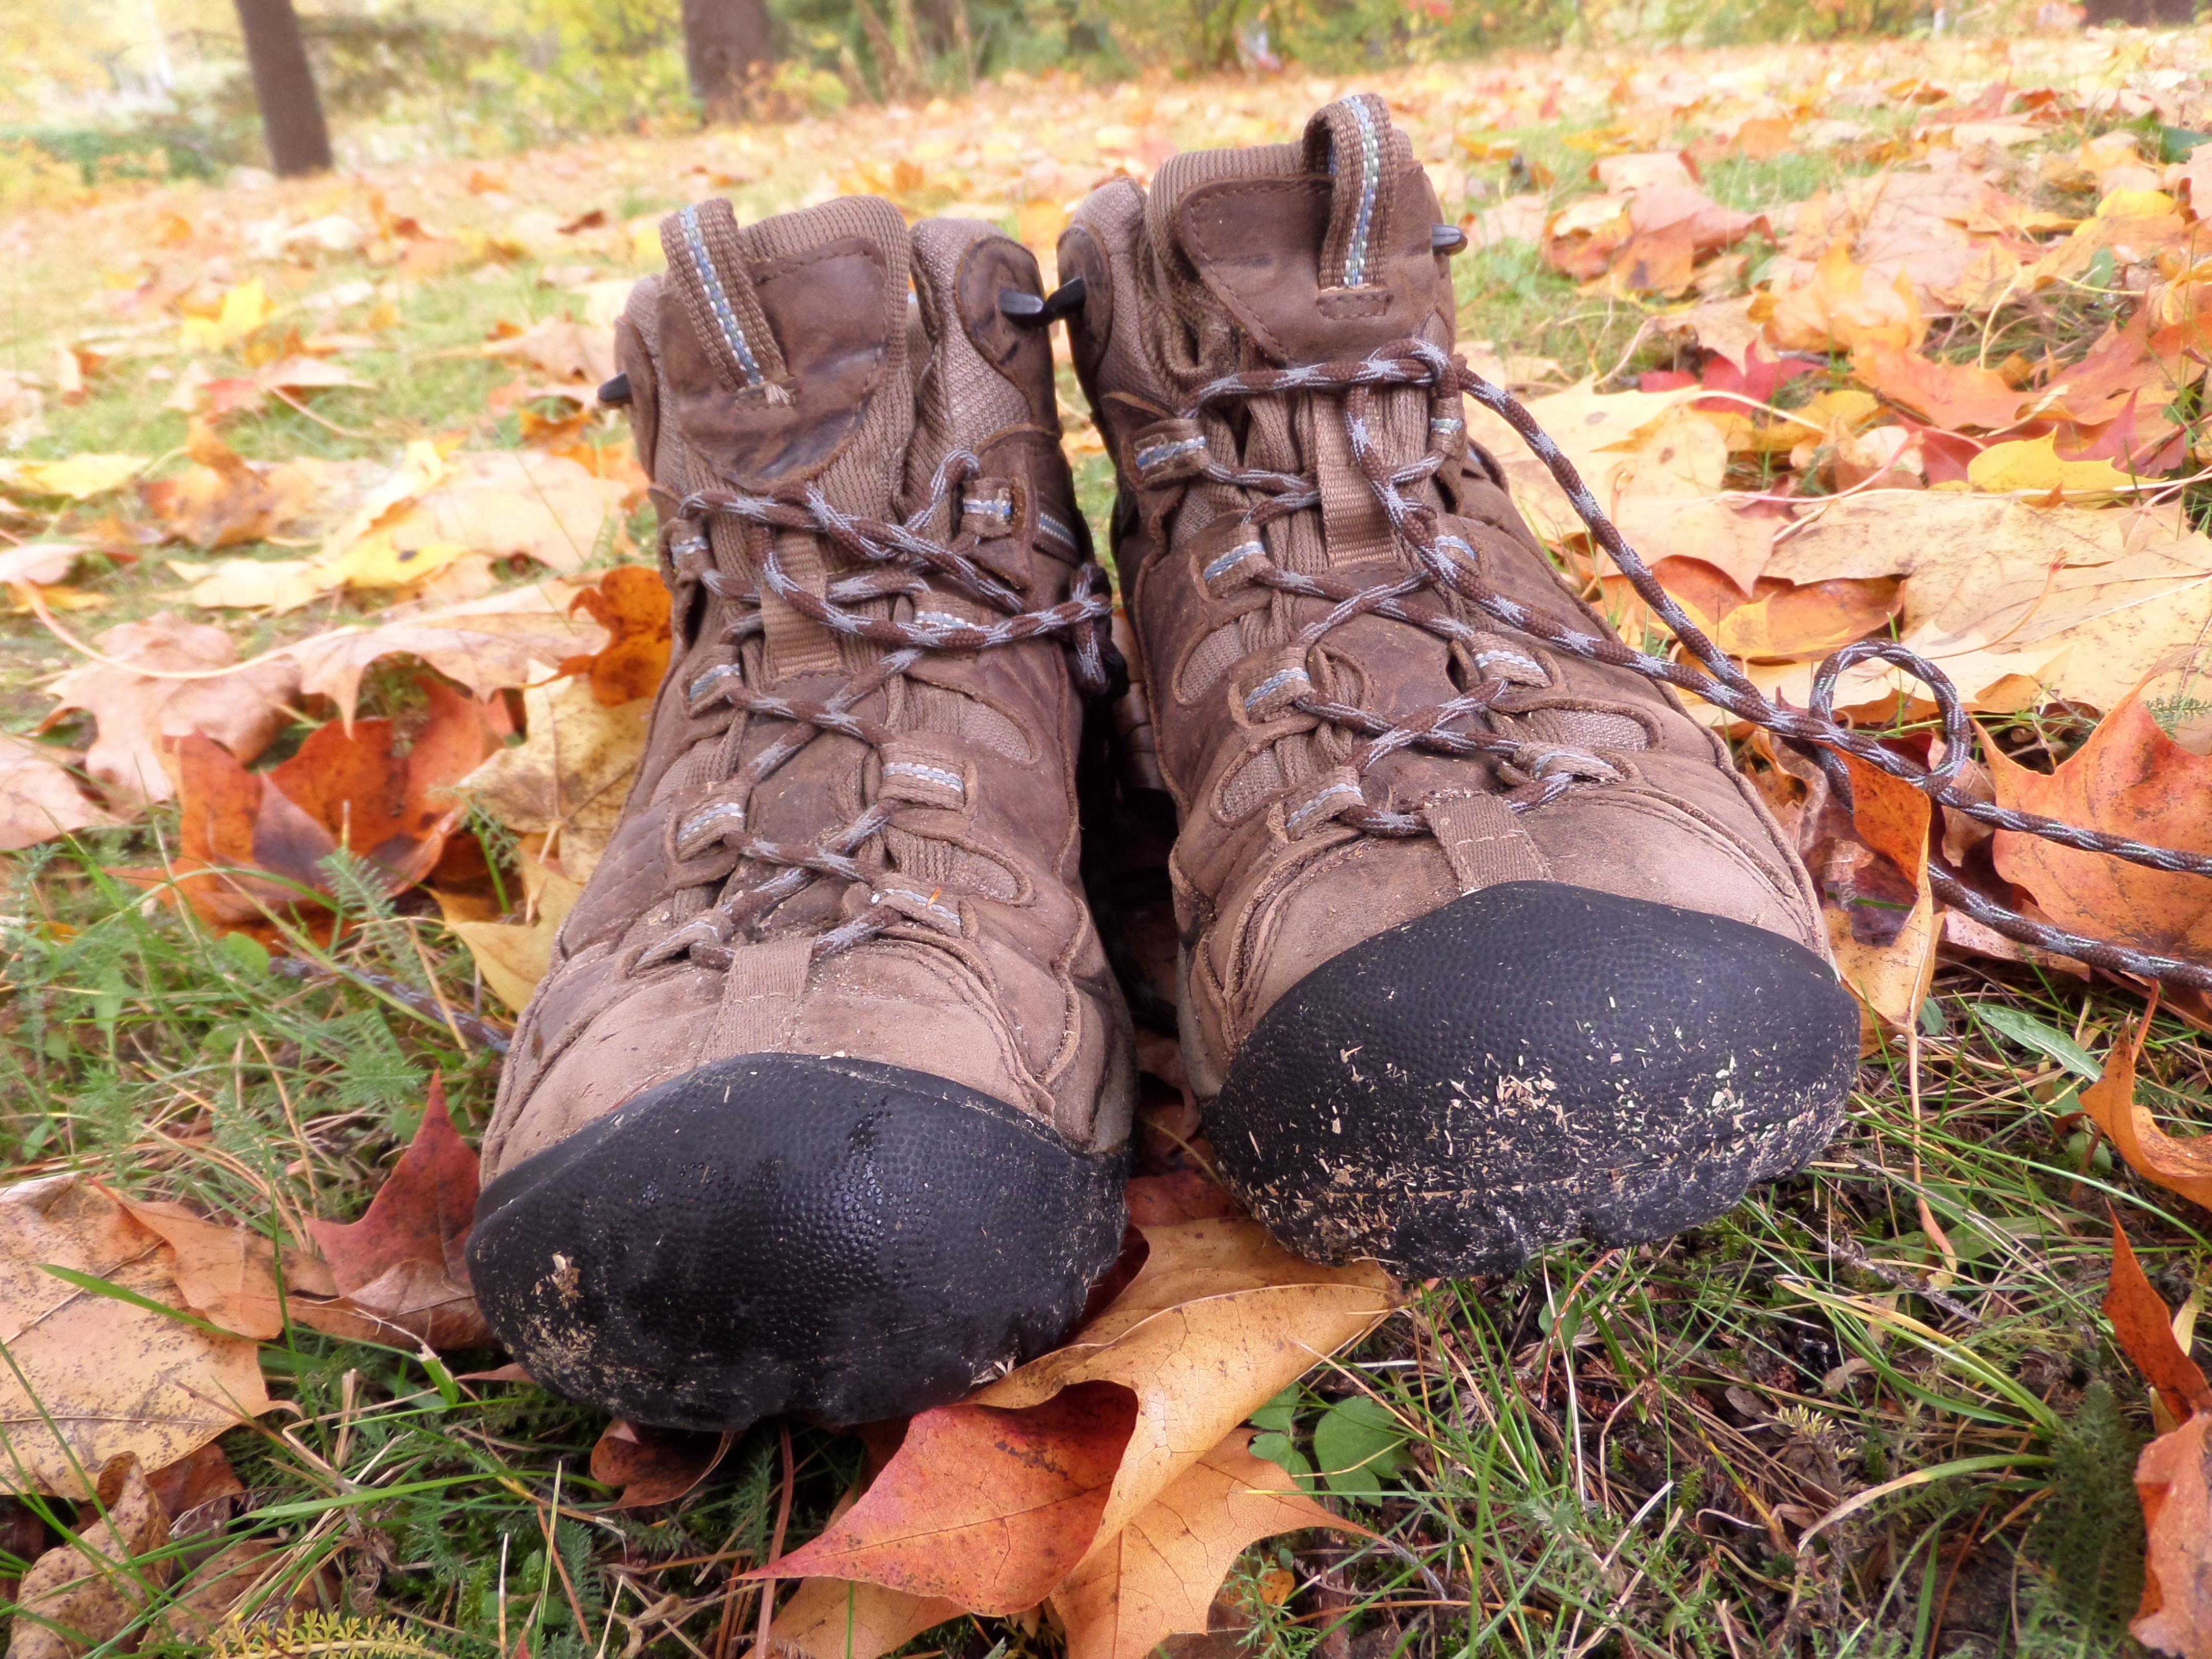 f2891c1fe2e KEEN Women's Targhee II Mid Waterproof Hiking Boot | Em's Life in ...